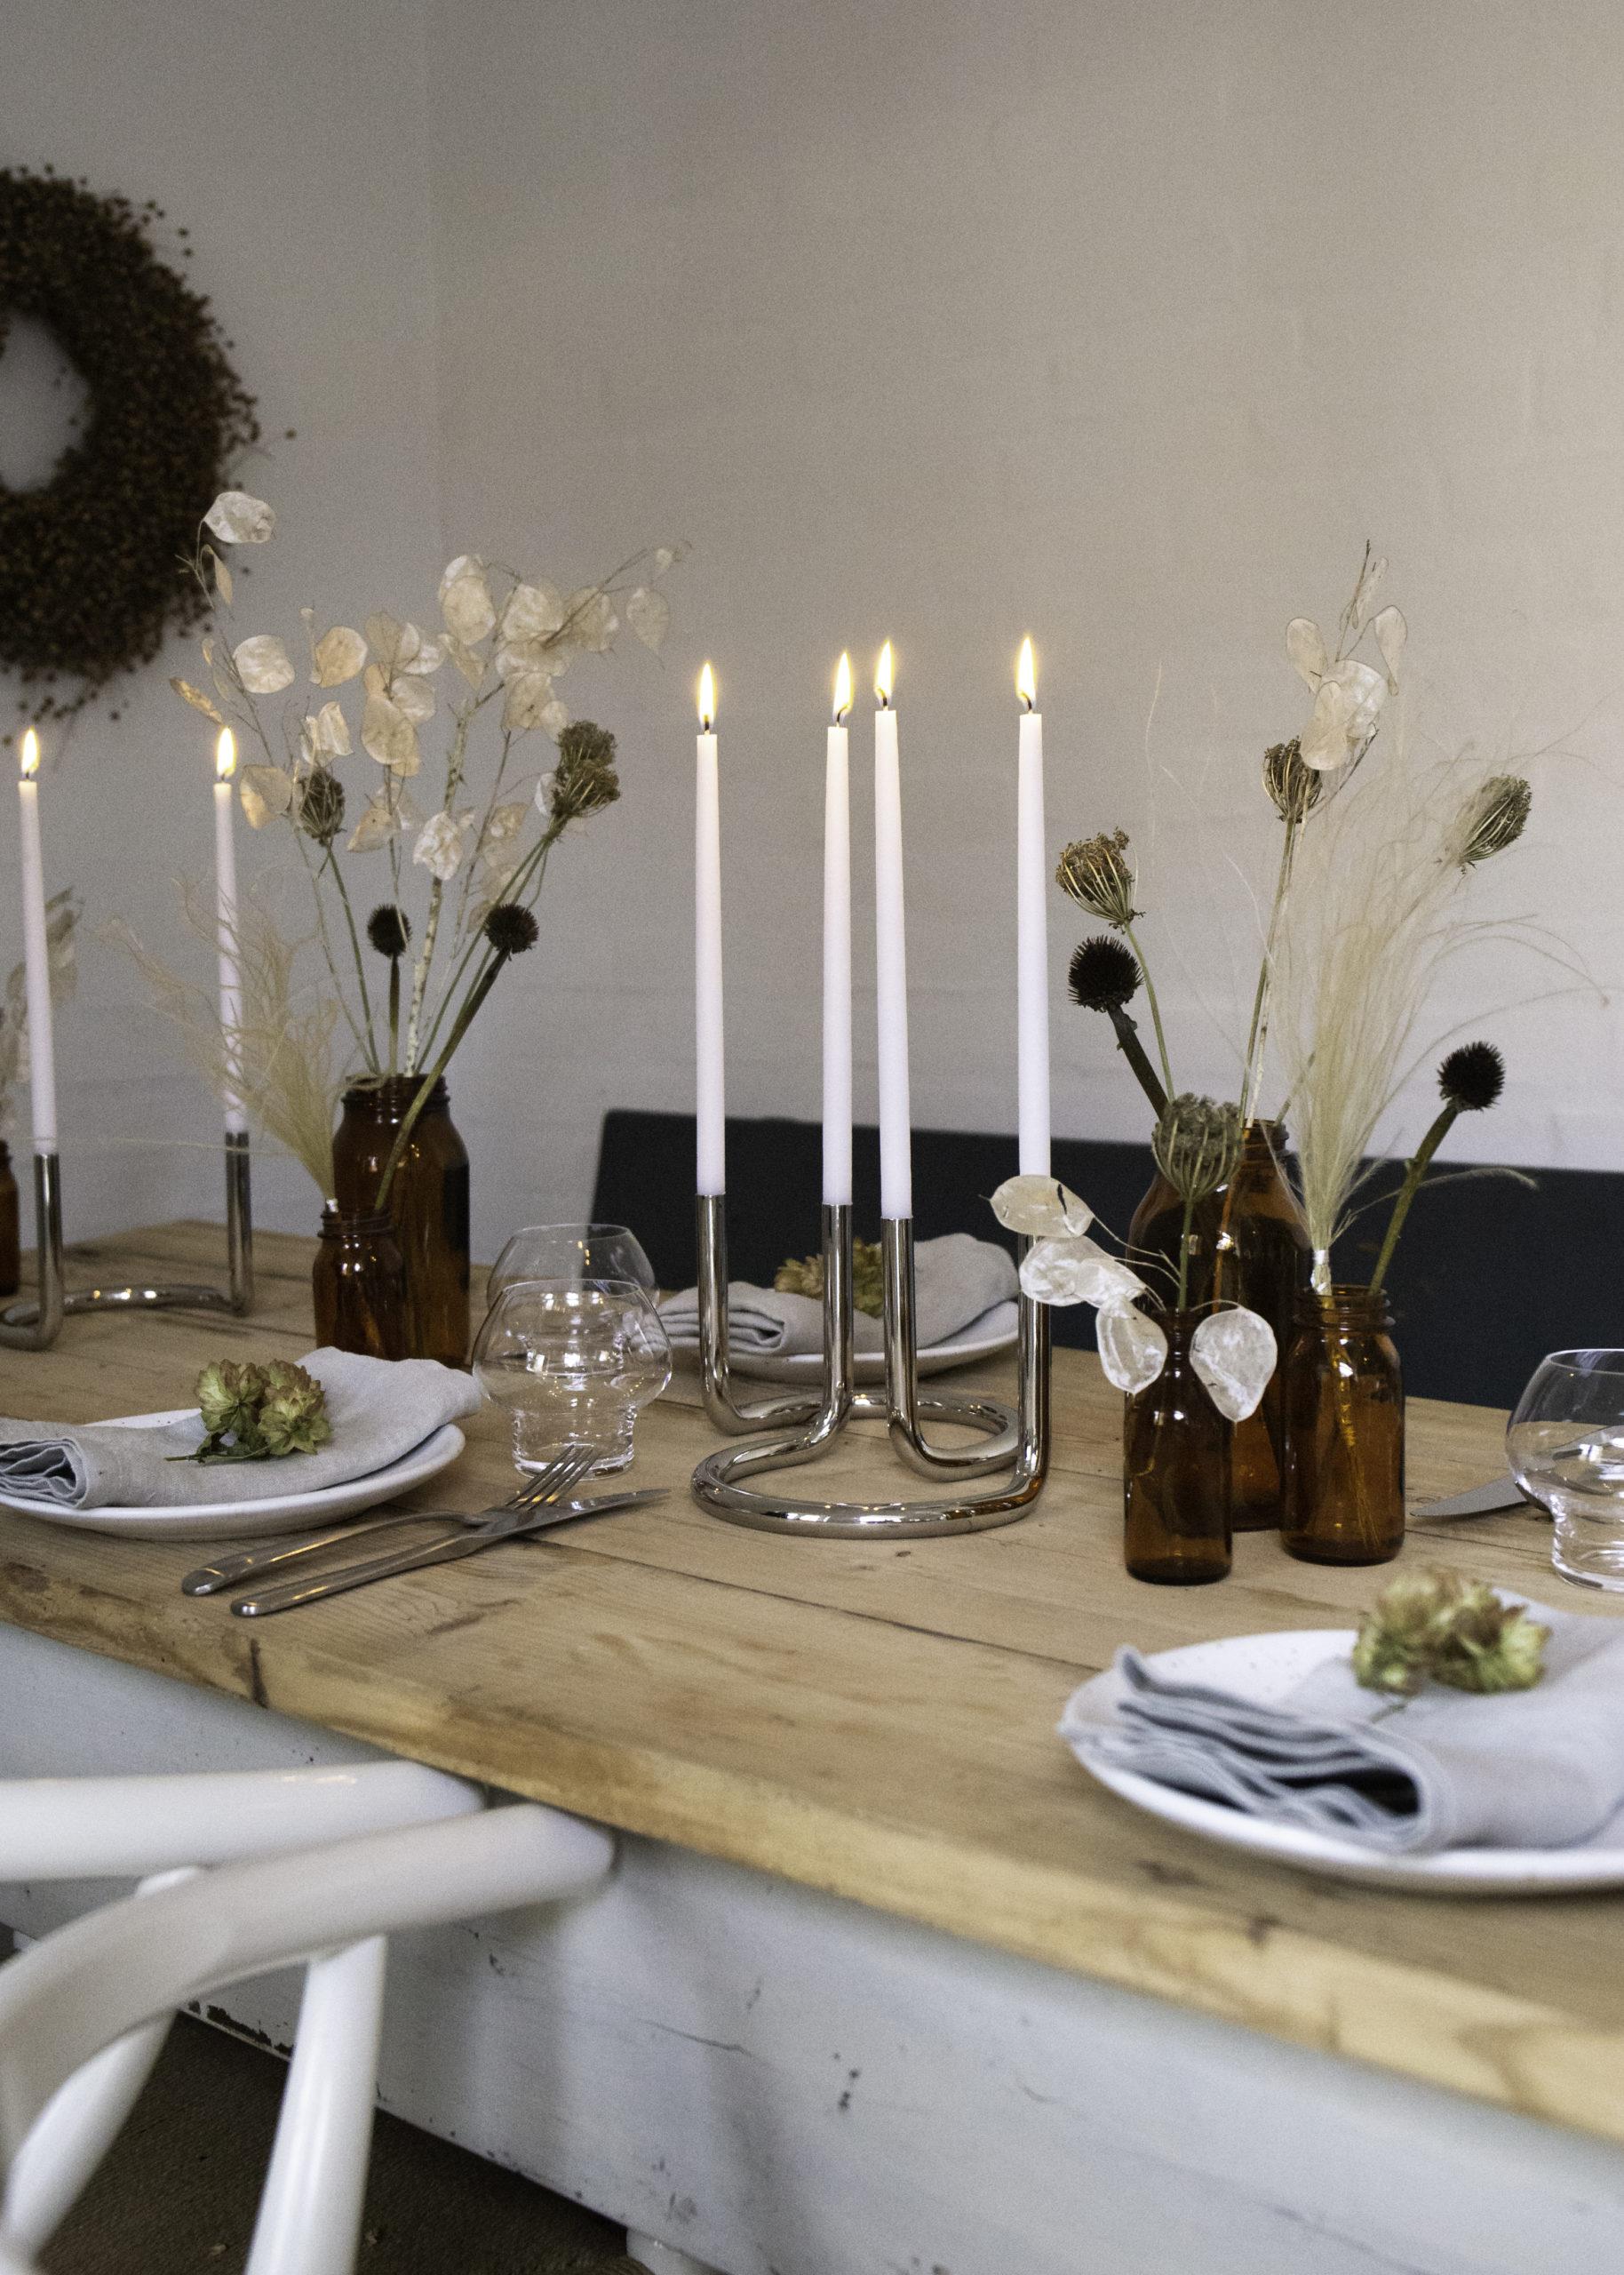 Architectmade-Gemini-Candleholder-Stainless-Steel-Denmark-Peter-Karpf-13